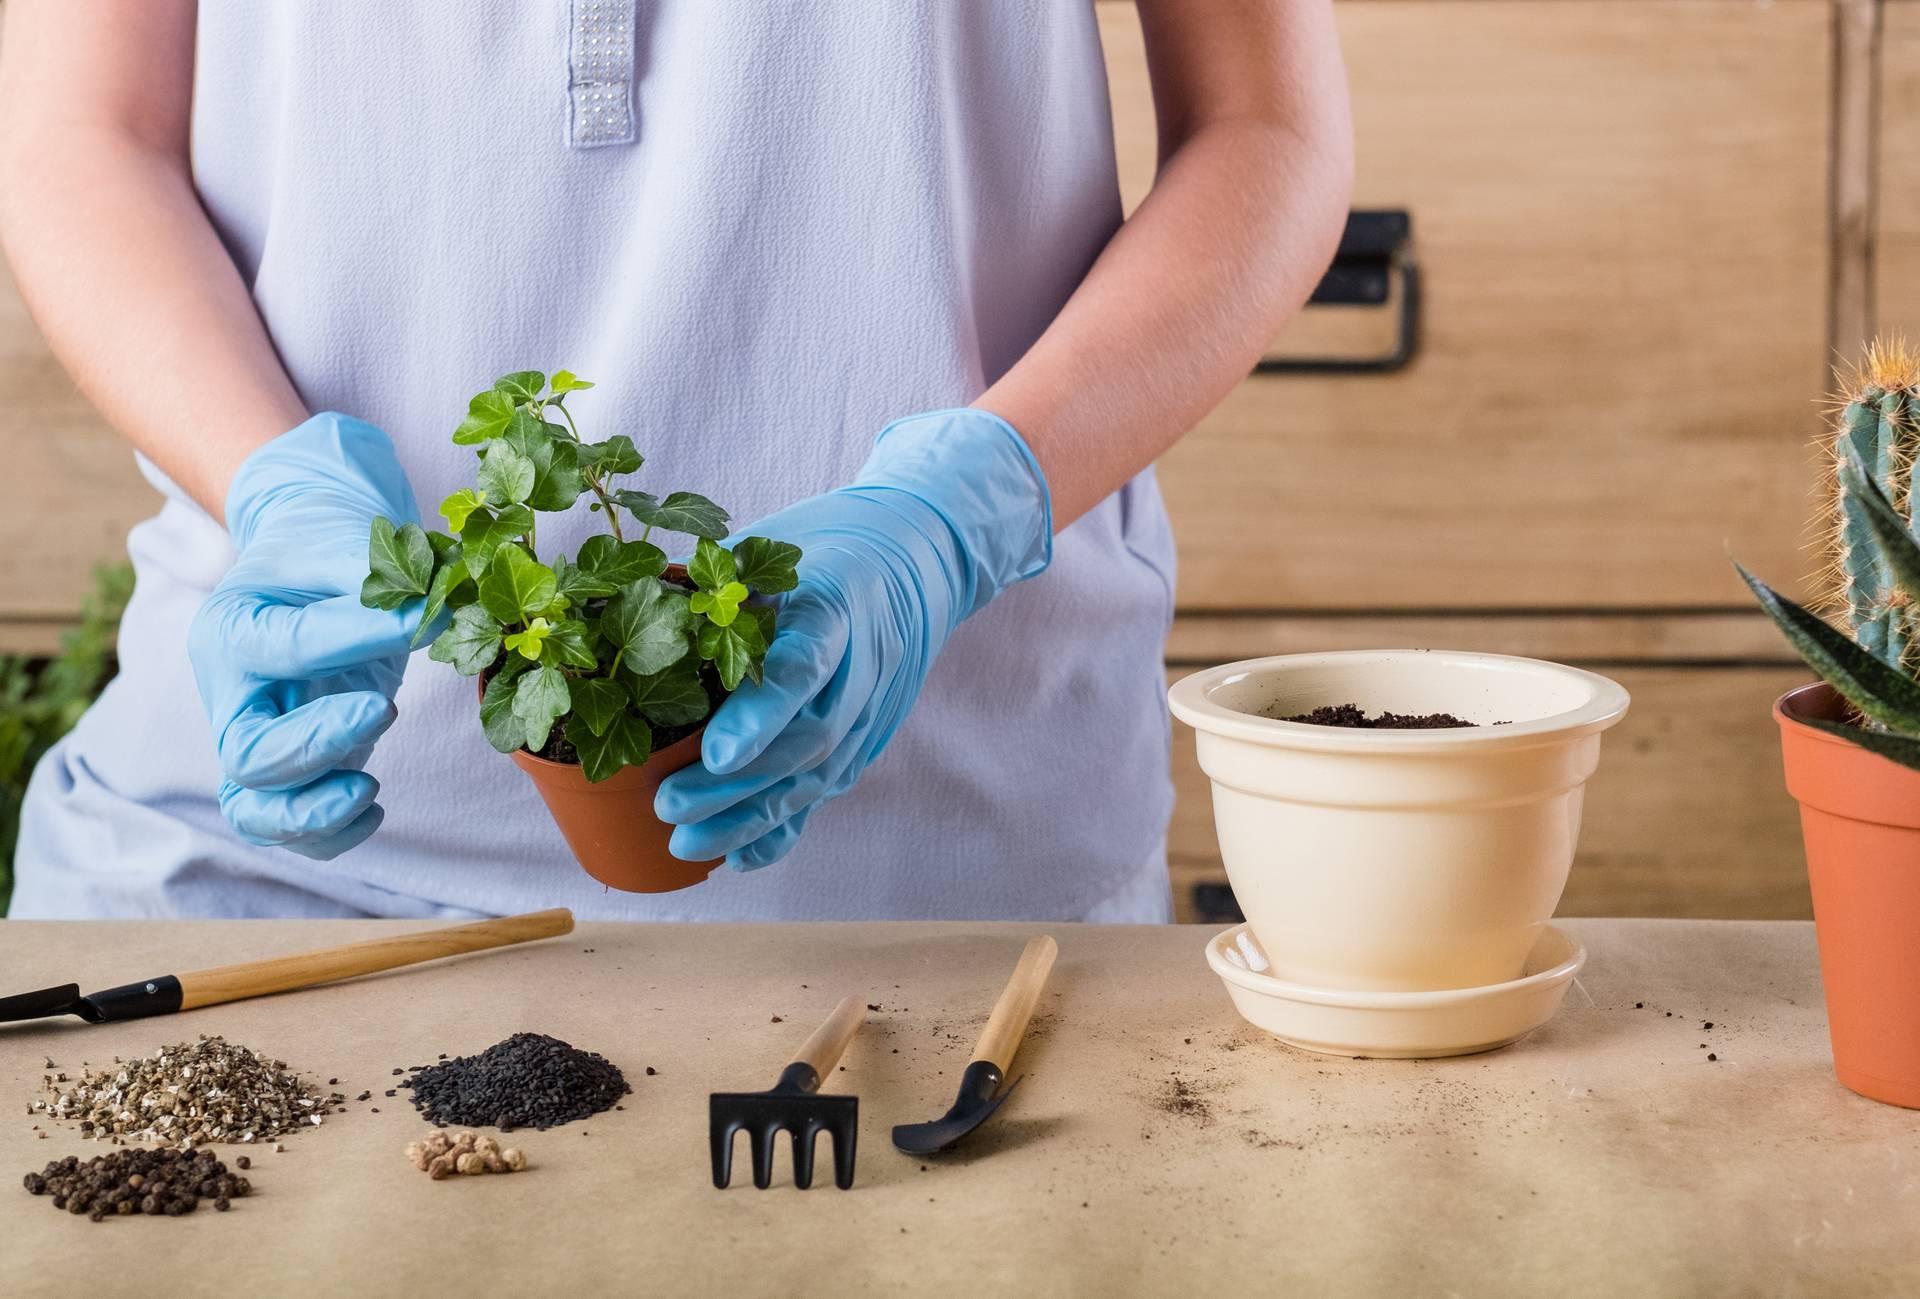 Nakon kupovine biljku nemojte odmah presaditi u novi lonac, pustite da se malo 'odmori'